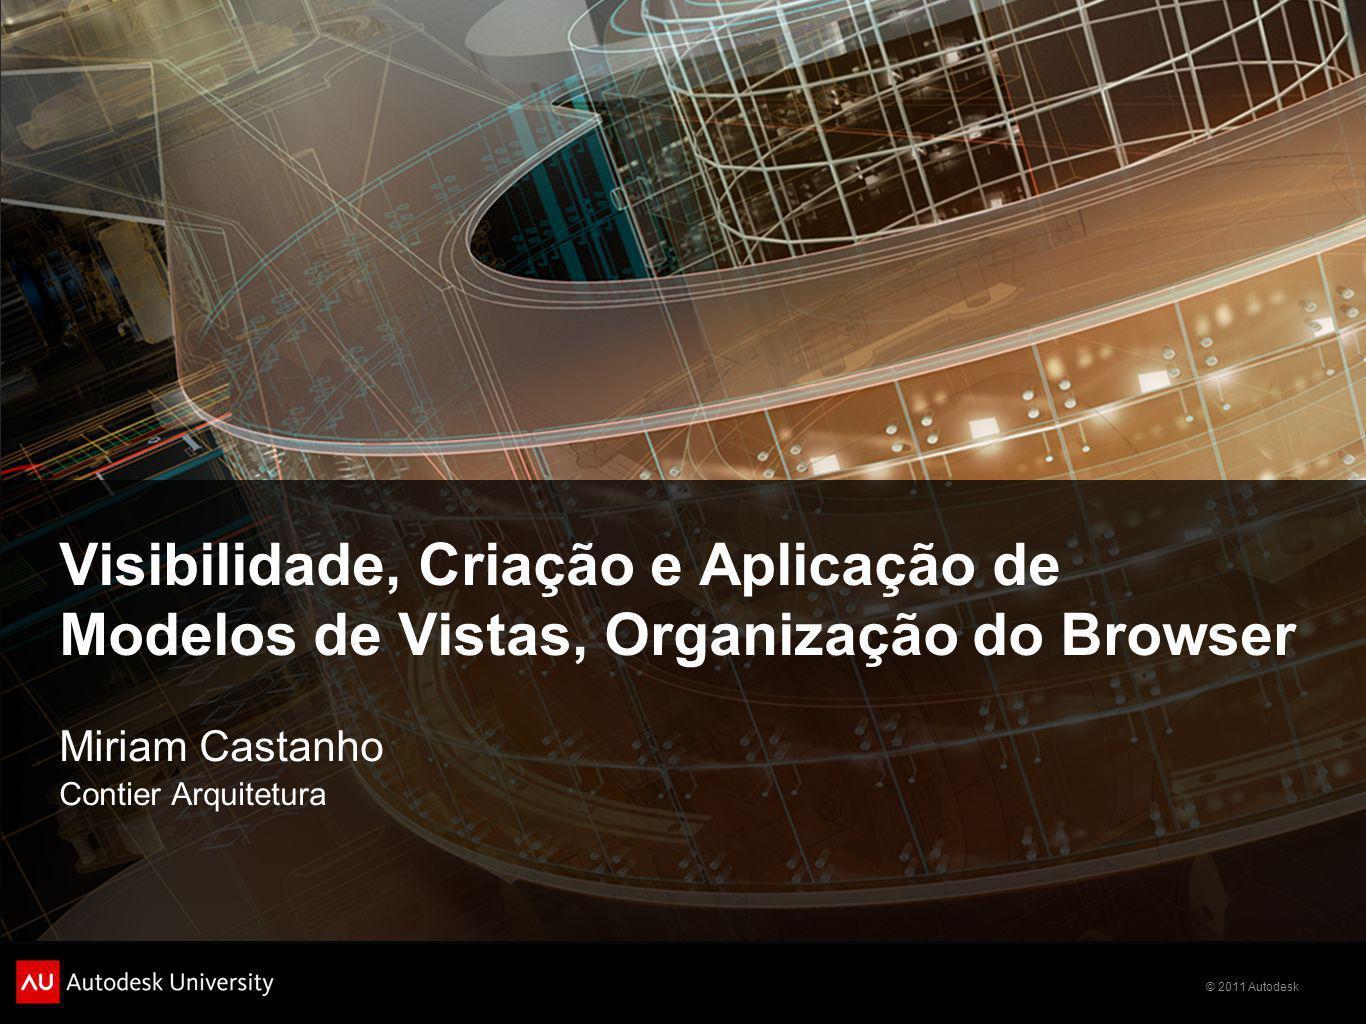 Visibilidade, Criação e Aplicação de Modelos de Vistas, Organização do Browser